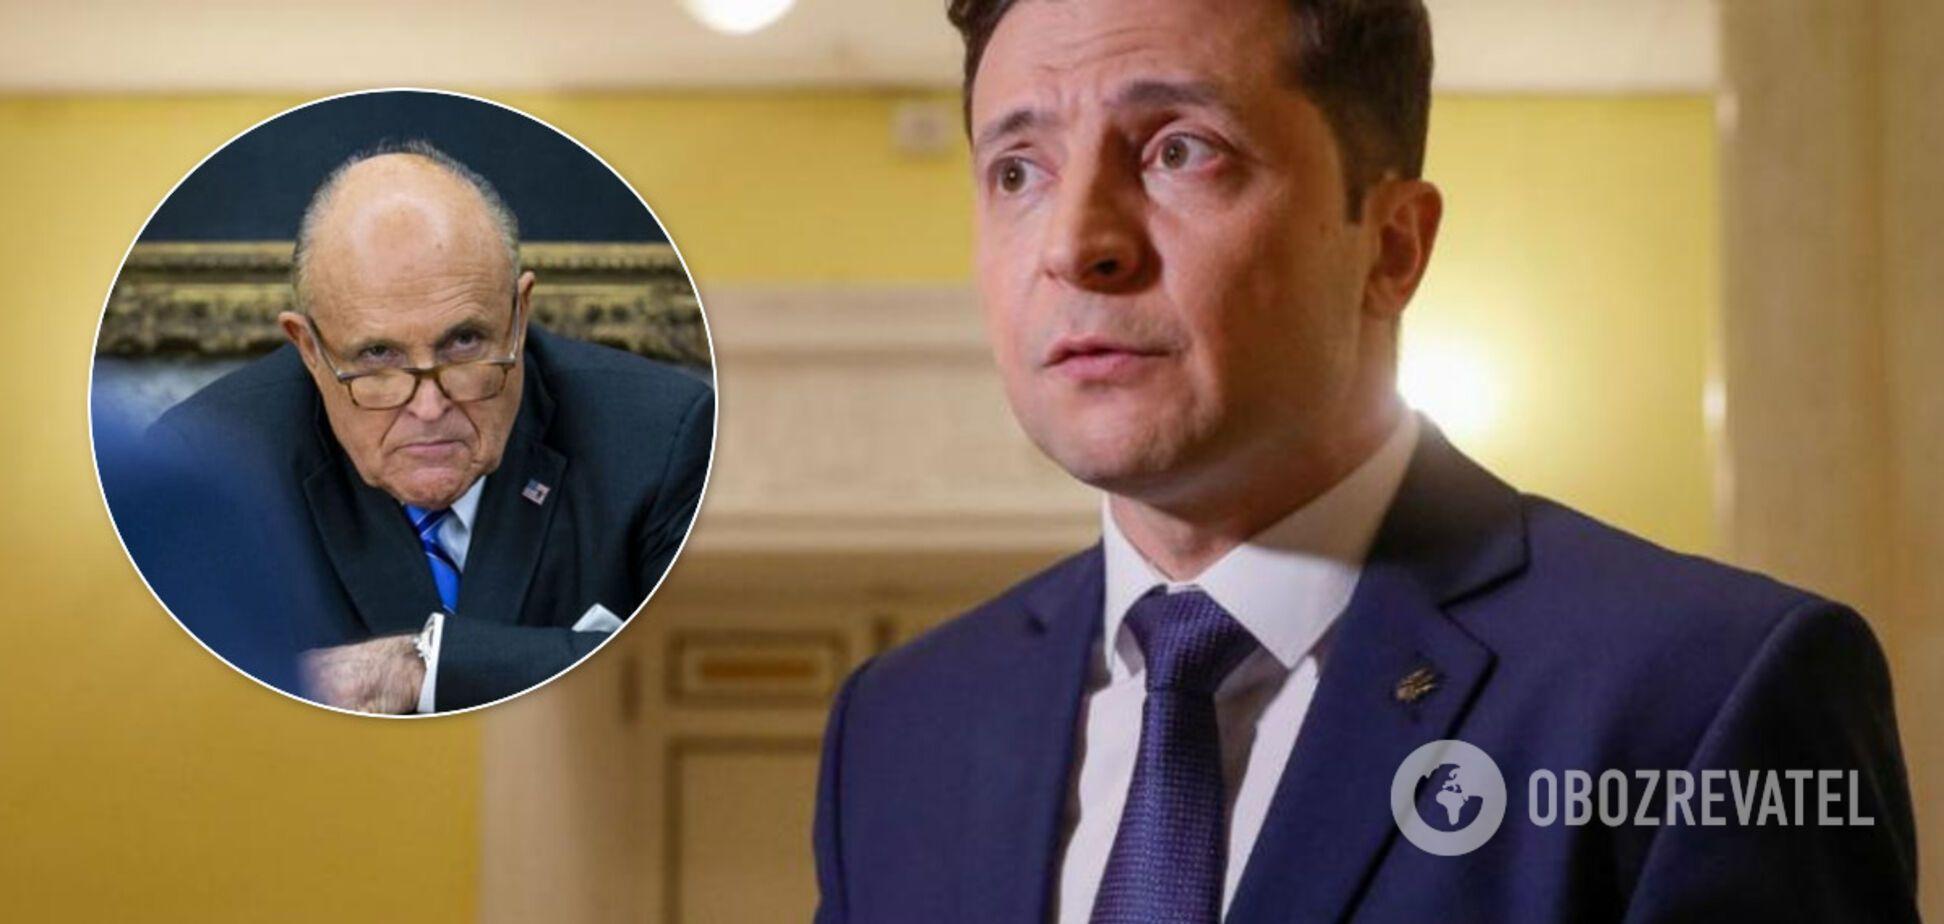 Зеленский решил избегать адвоката Трампа – CNN